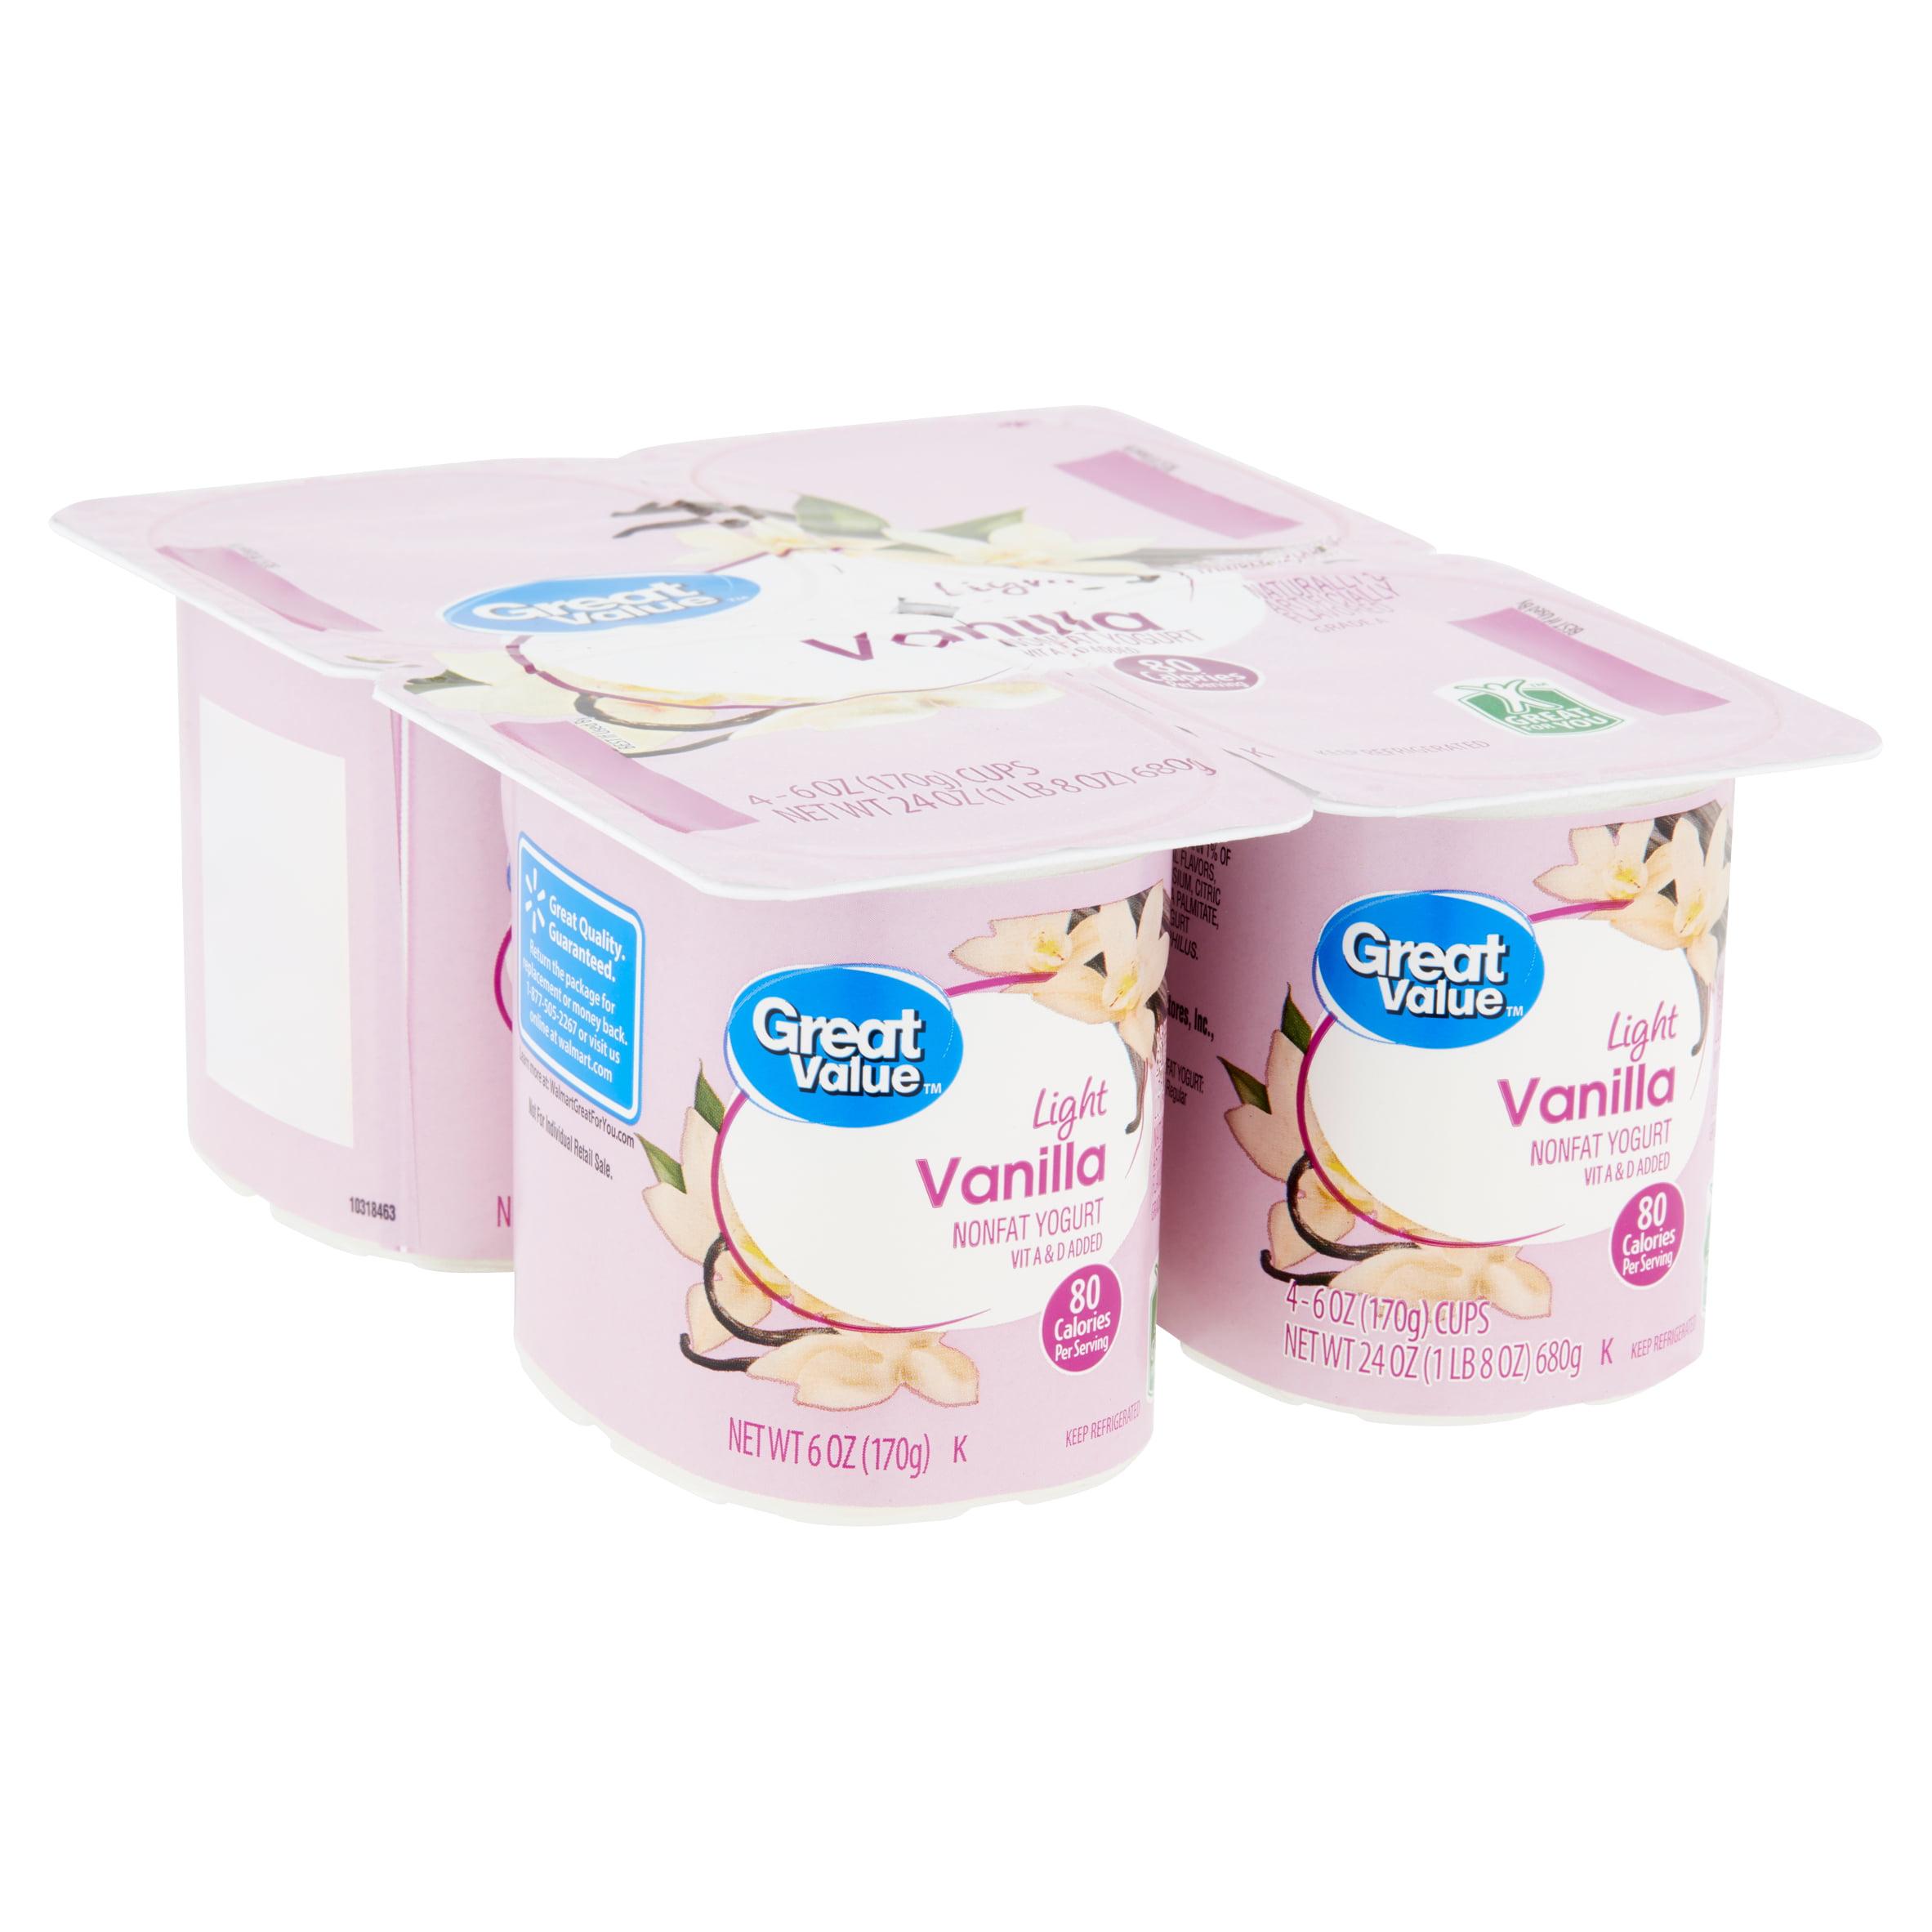 Great Value Light Vanilla Nonfat Yogurt, 6 oz, 4 count